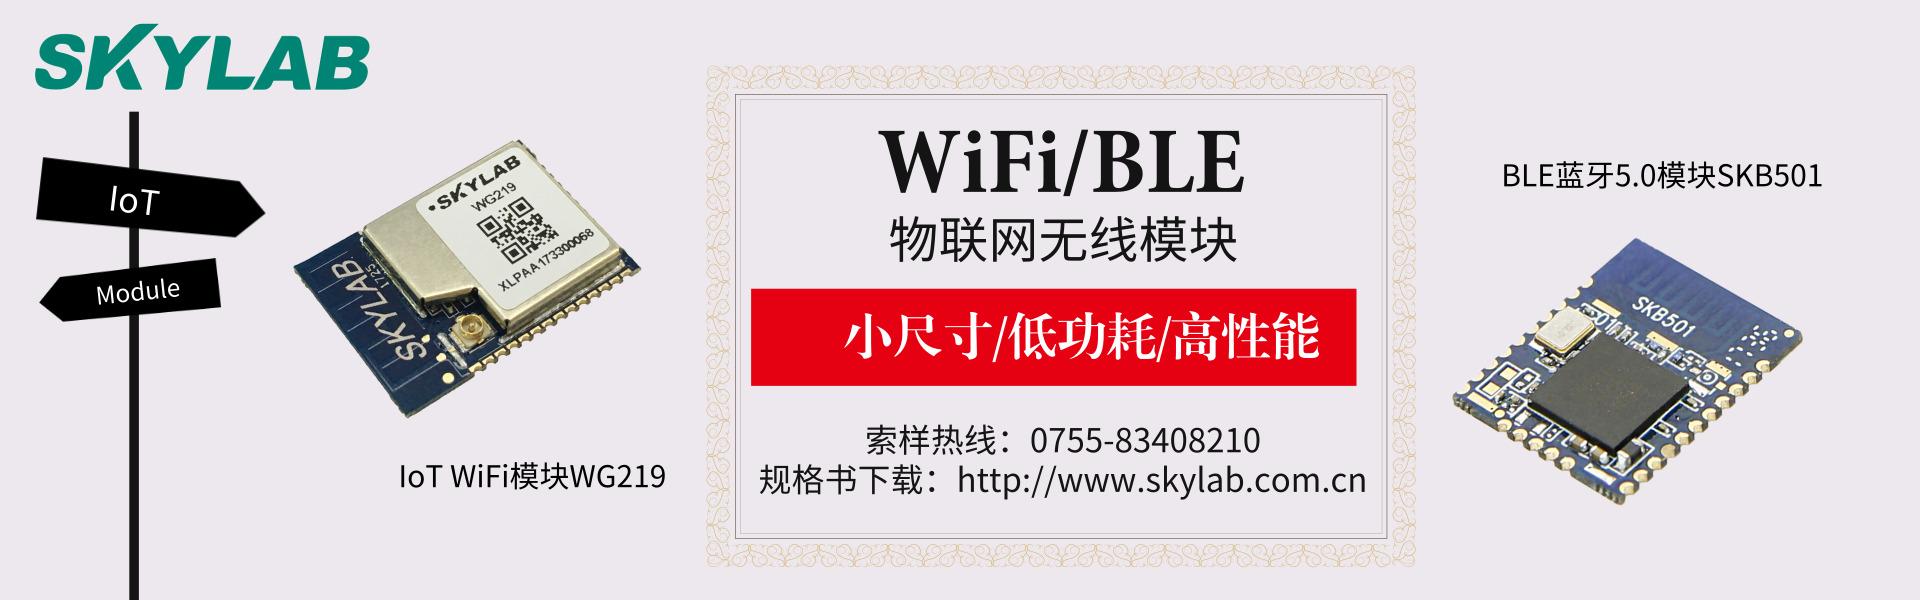 物联网WiFi模块、蓝牙模块助力智能家居市场快速拓展